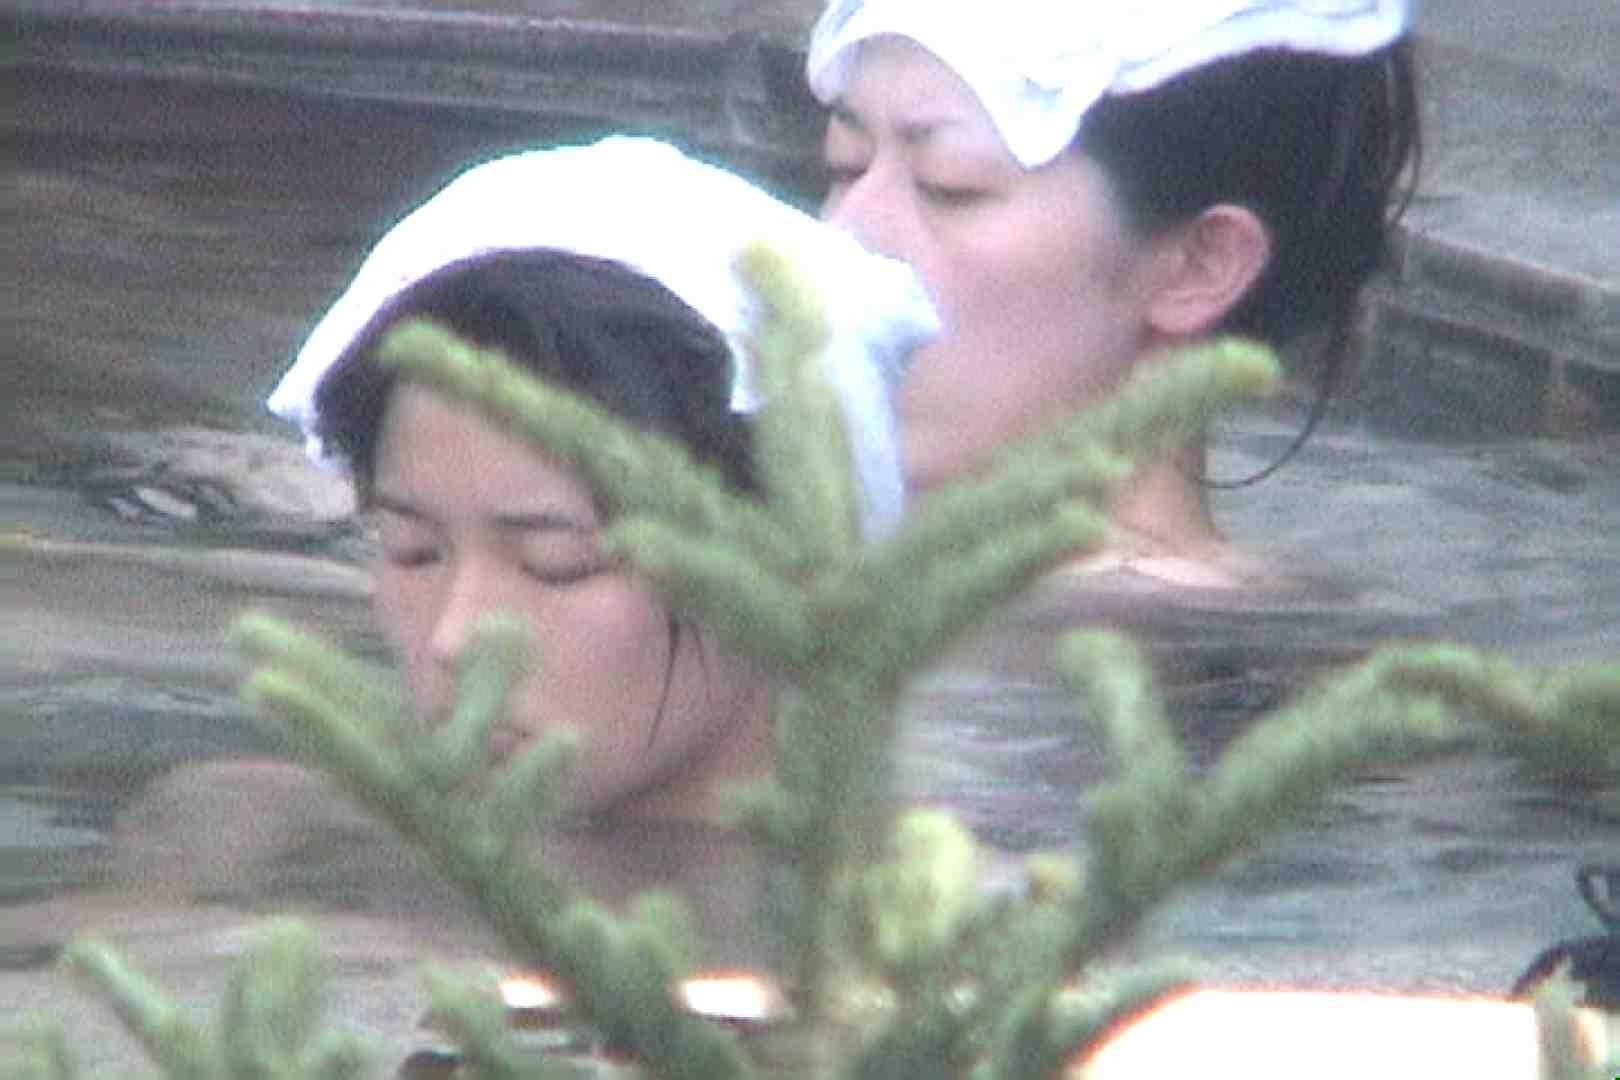 Aquaな露天風呂Vol.80【VIP限定】 いやらしいOL オメコ無修正動画無料 73連発 52